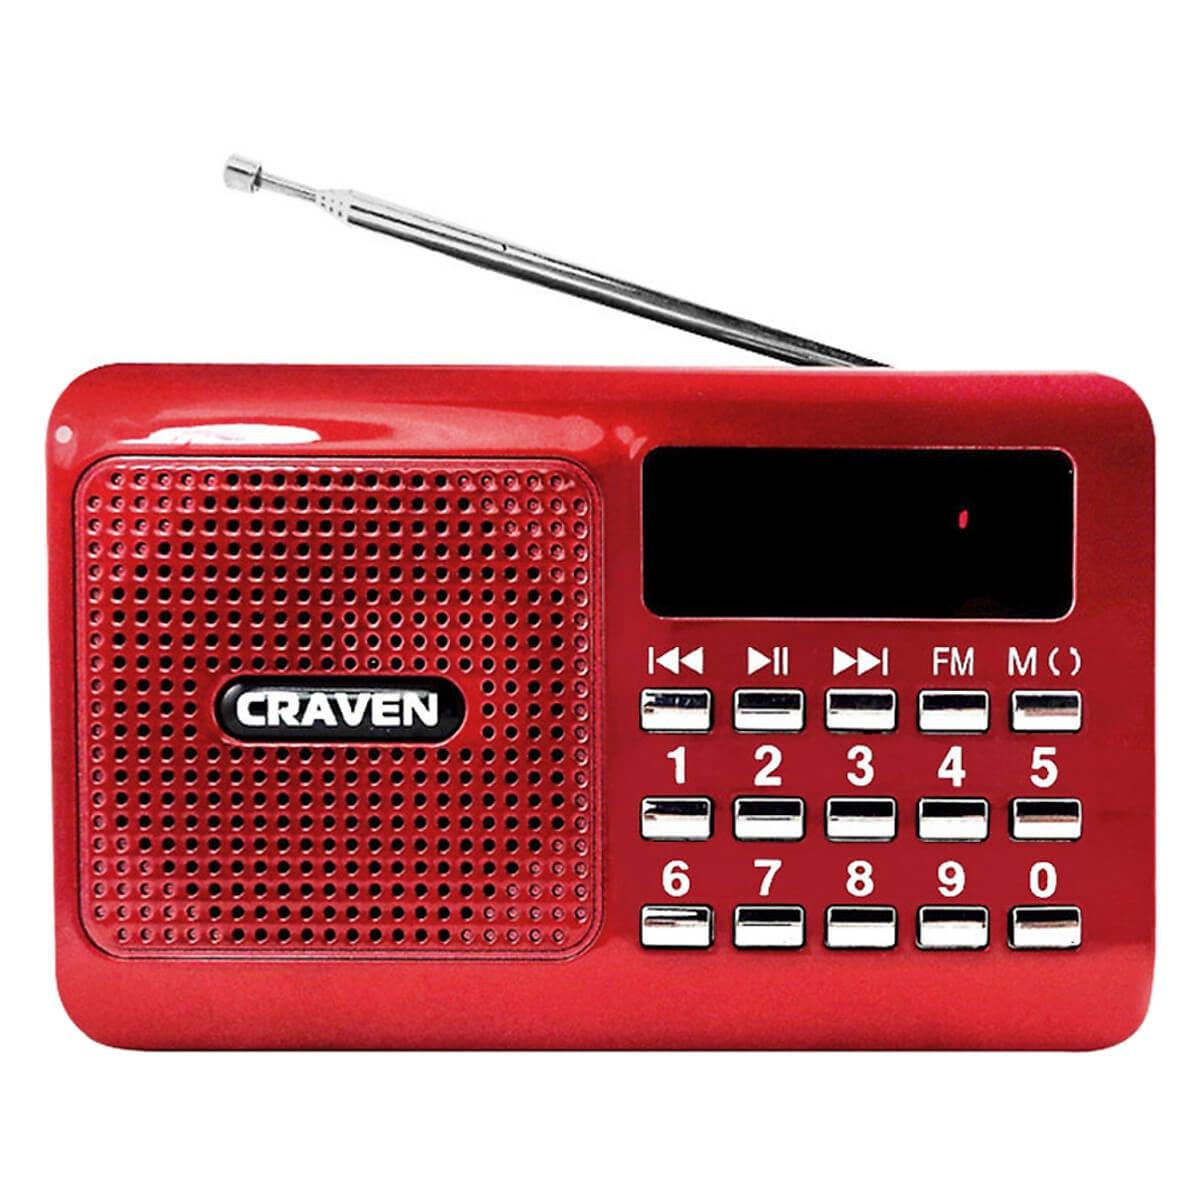 Loa Nghe Nhạc Usb Thẻ Nhớ Craven Cr-16